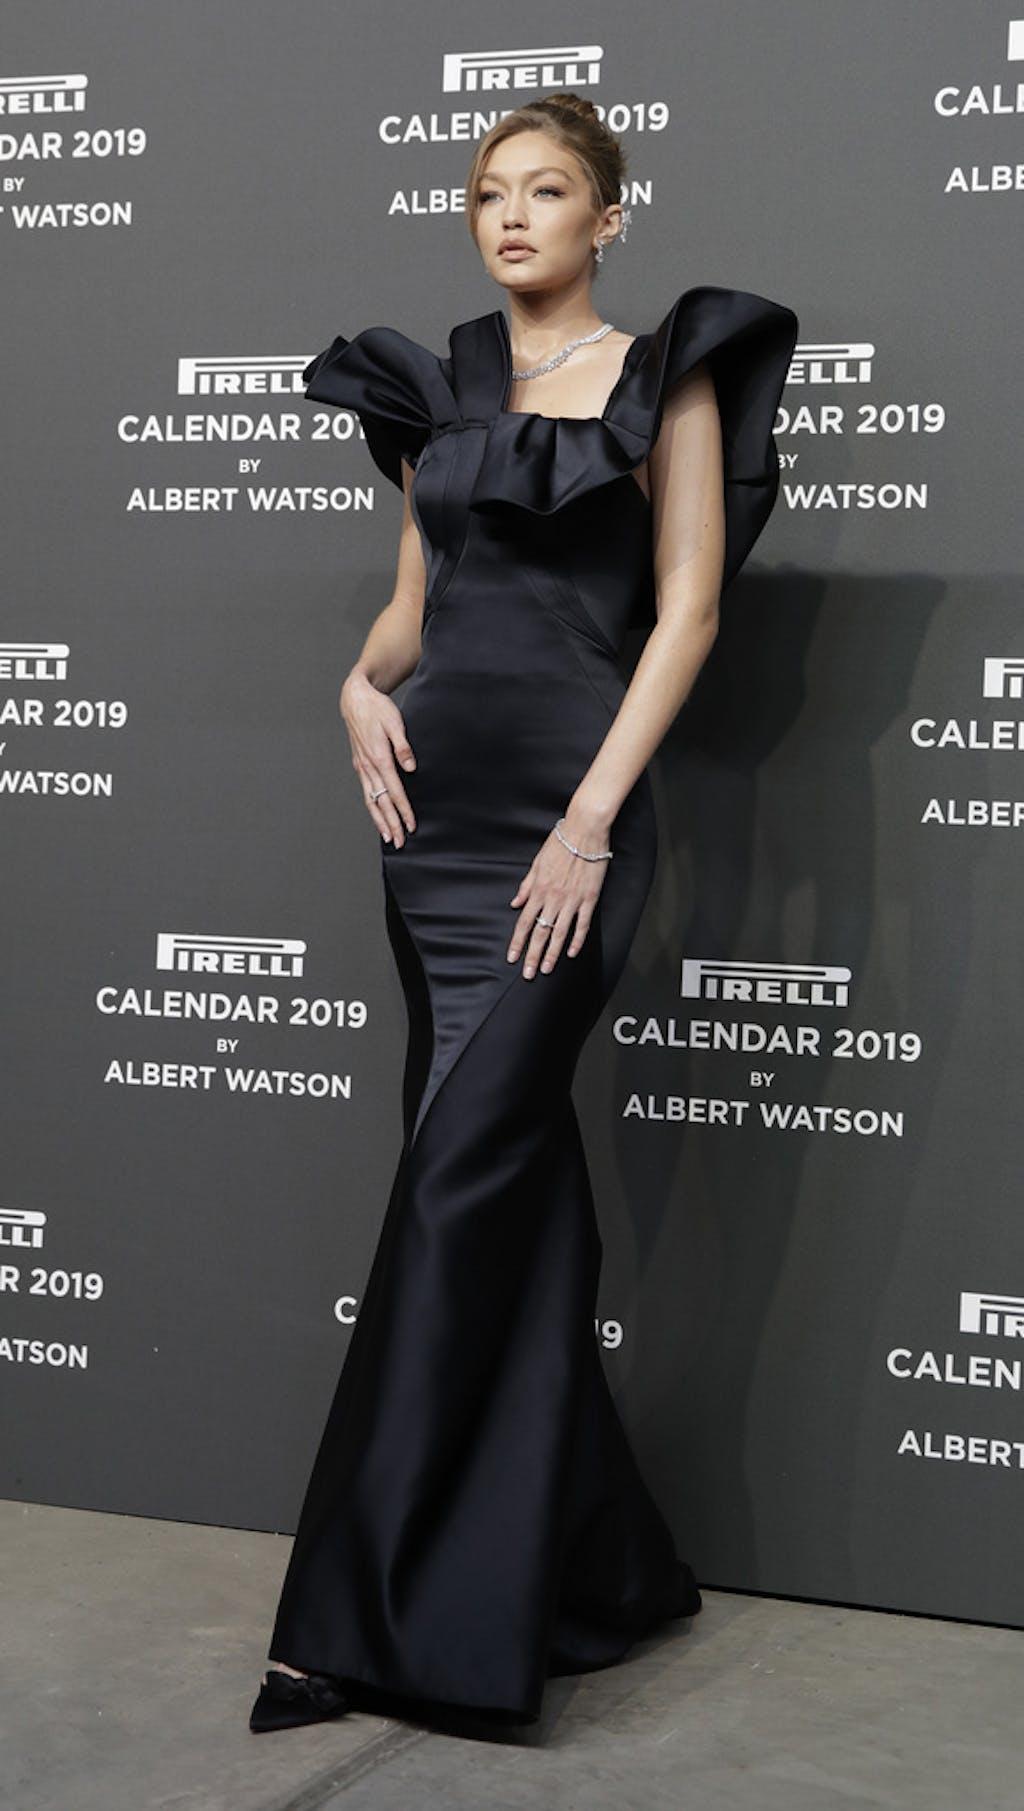 Nuovo Calendario Pirelli 2019.Gigi Hadid Laetitia Casta E Julia Garner I Volti Del